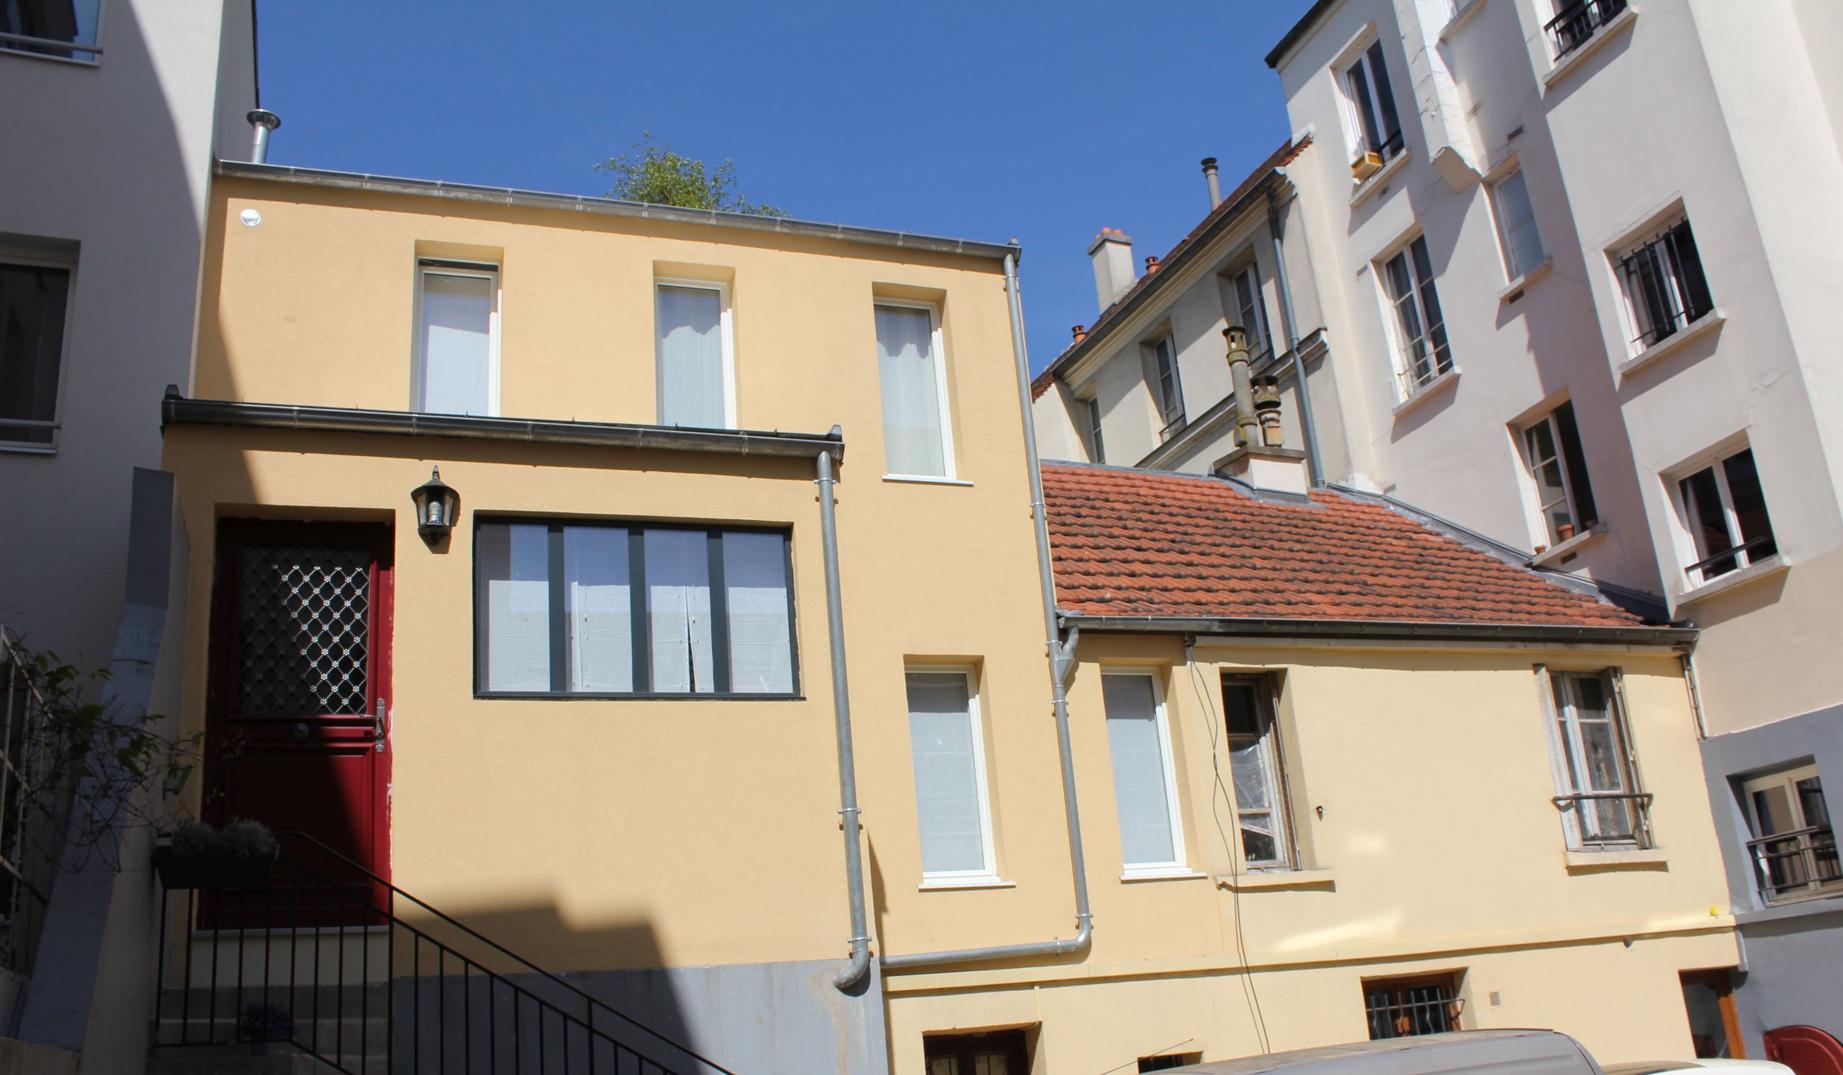 02_facade.jpg